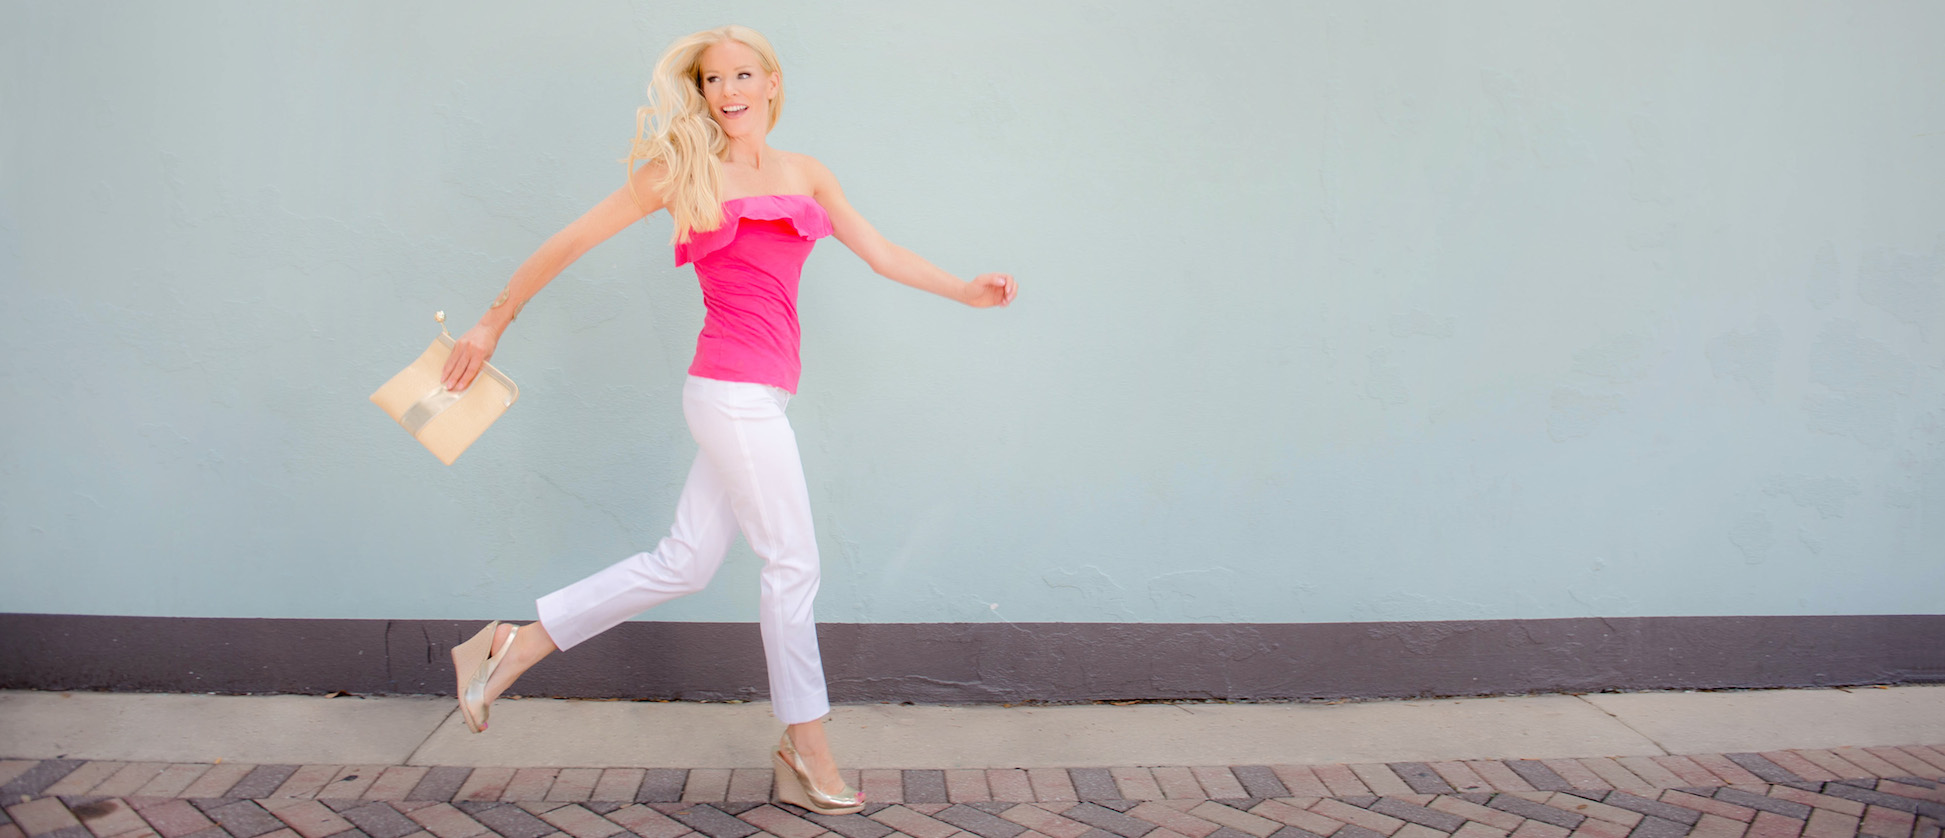 fitz-pink-running-rya